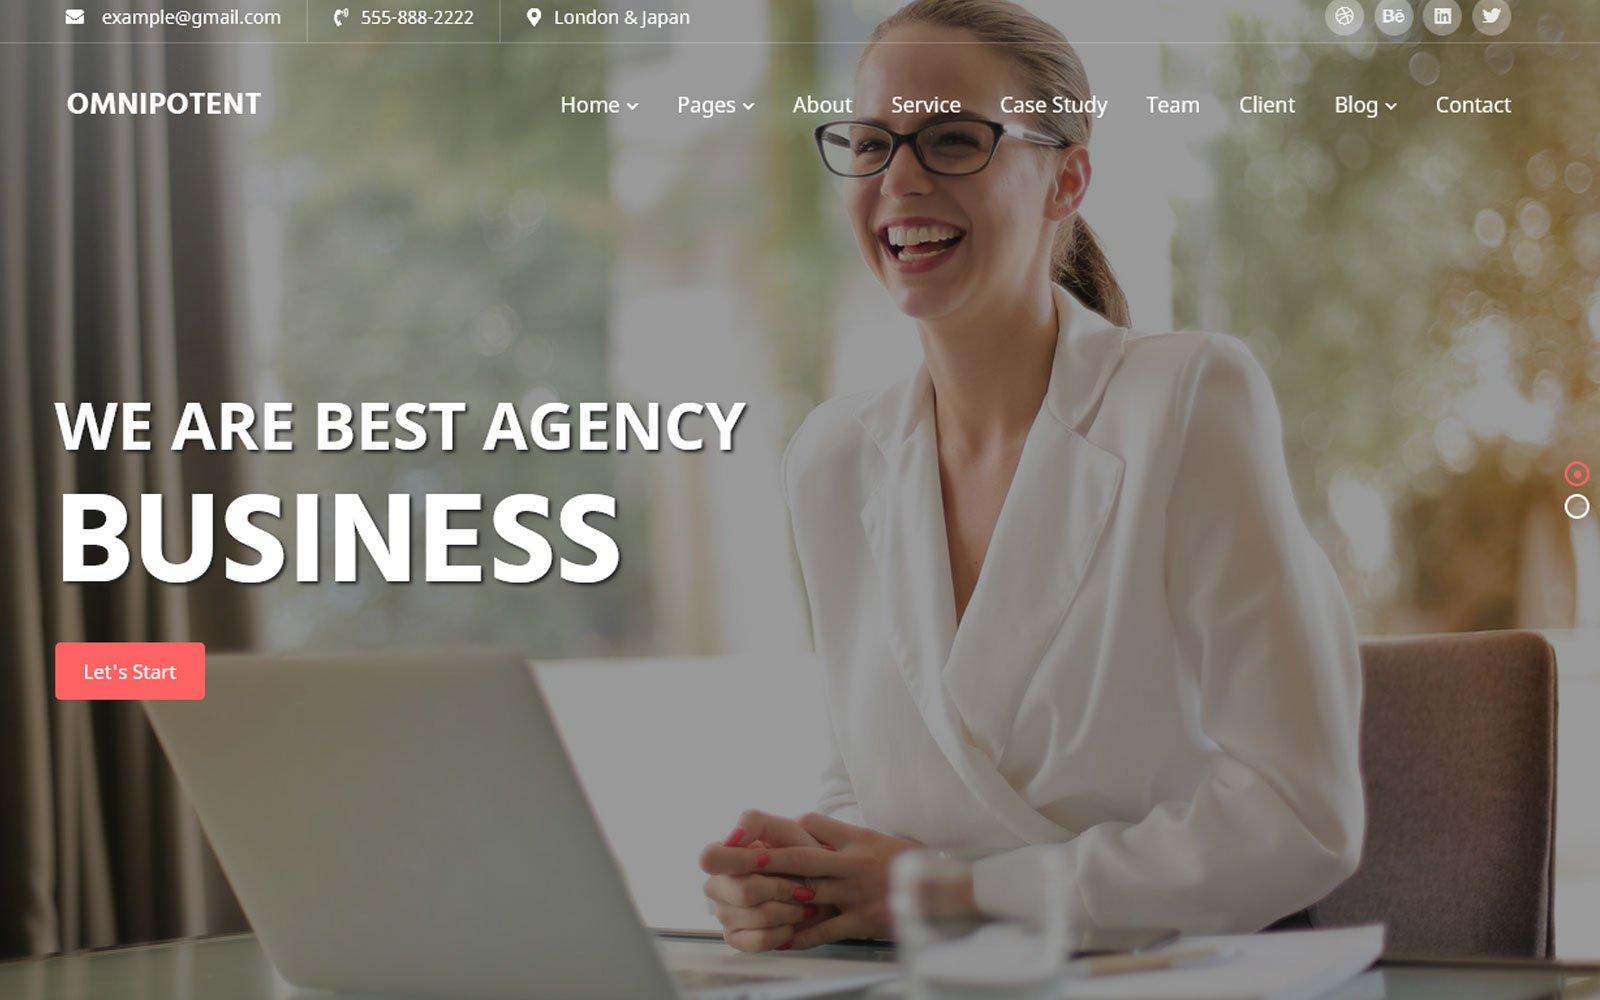 万能的-多页商业网站模板